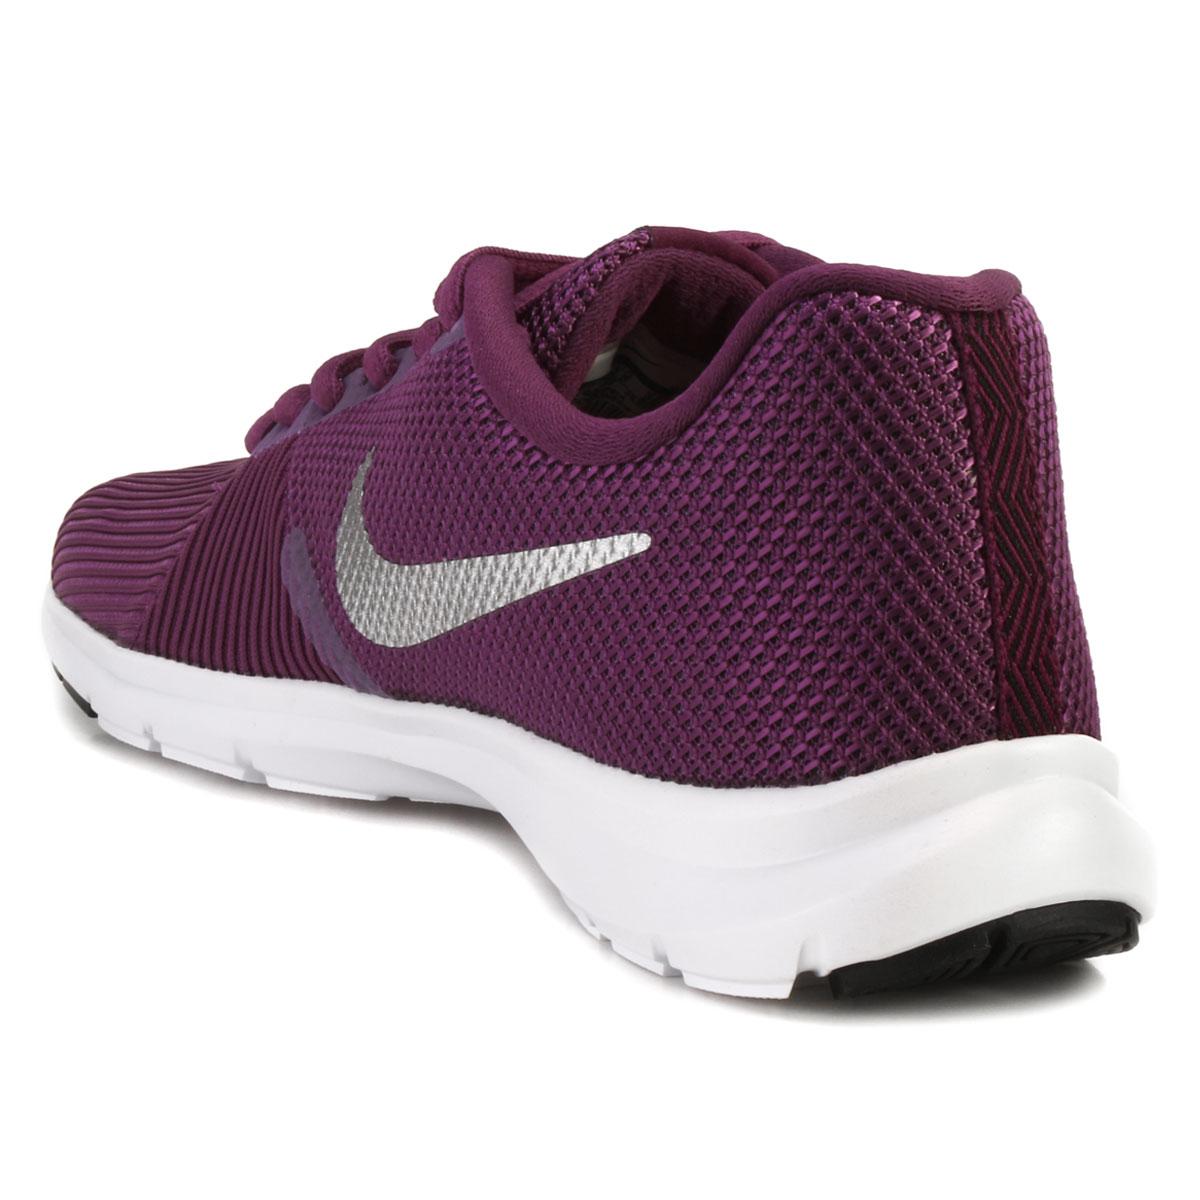 6d9e7fe36b Tênis Nike WMNS Flex Bijoux Roxo-Prata-Branco | Alex Shoes